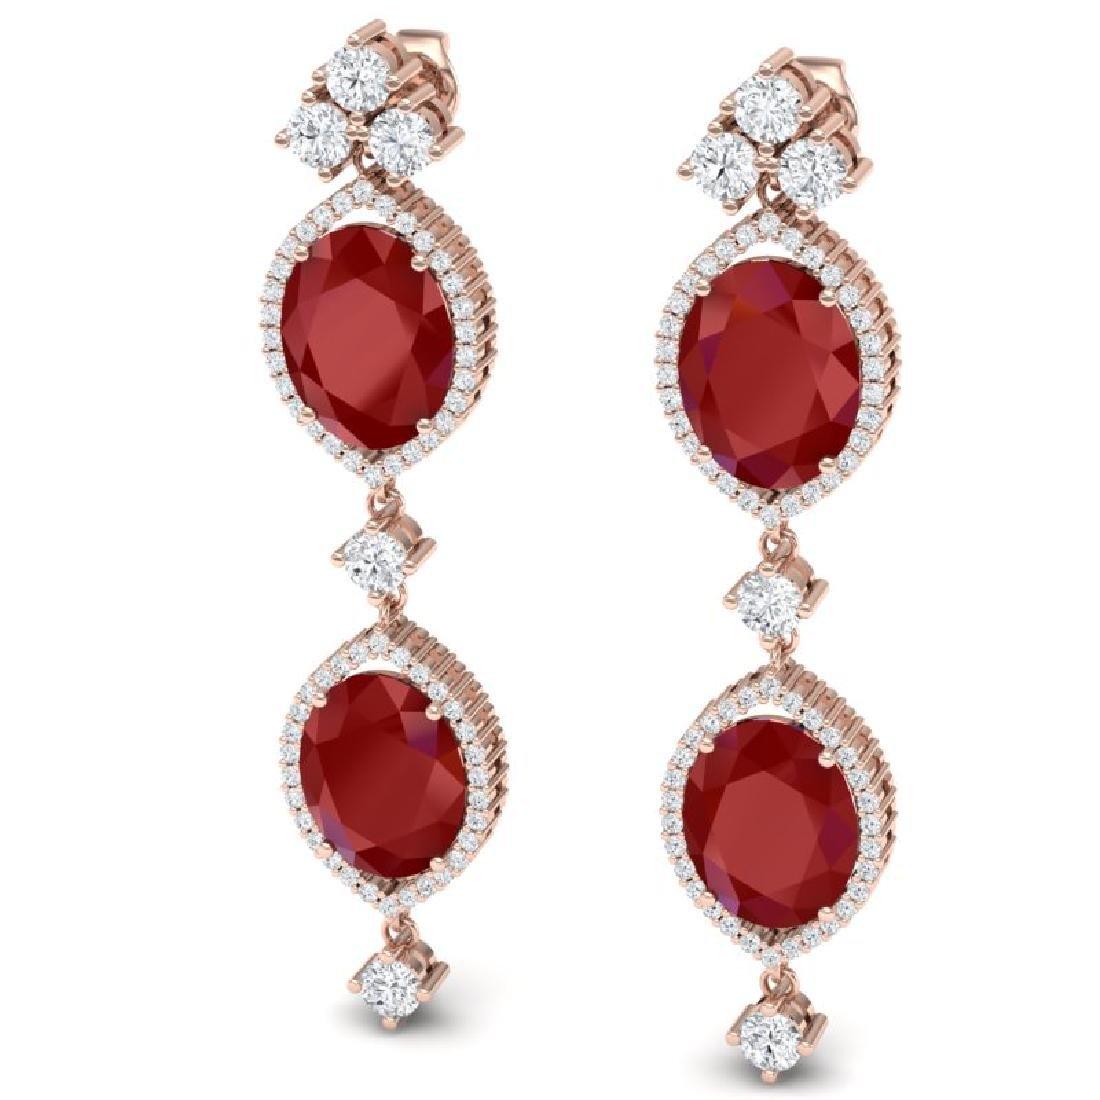 15.81 CTW Royalty Designer Ruby & VS Diamond Earrings